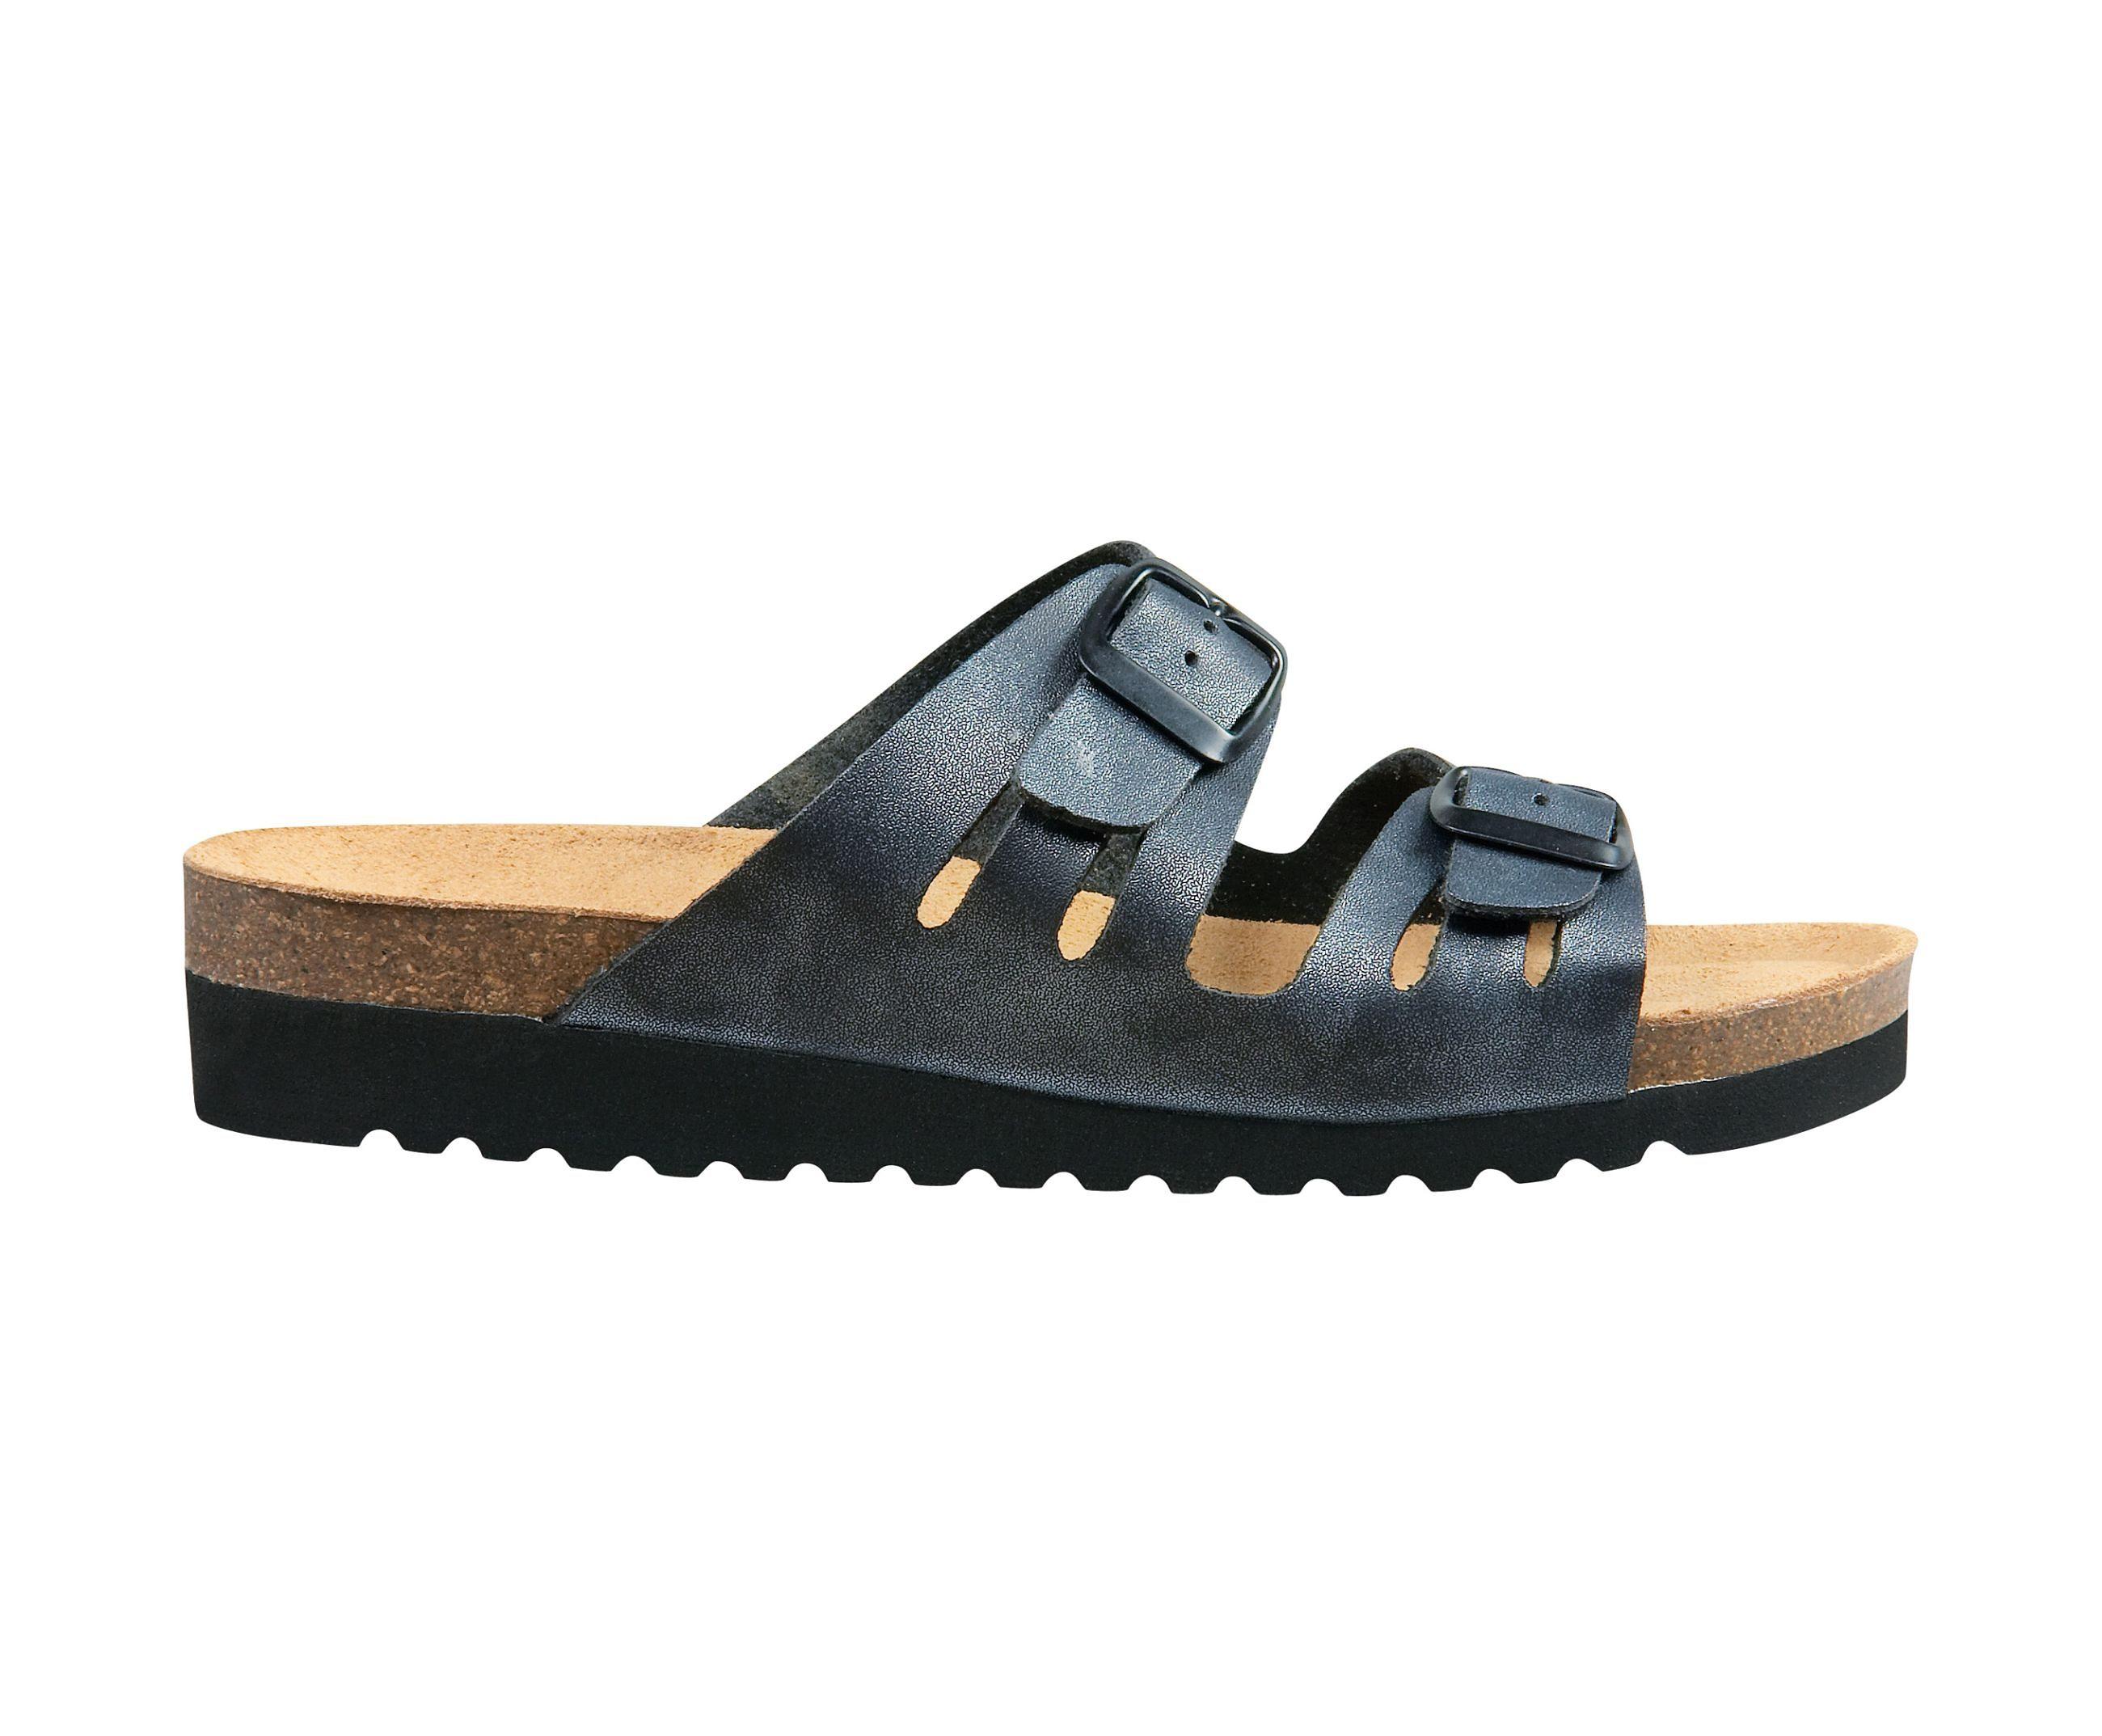 42 Sandales Noires Par Lico bOZbK